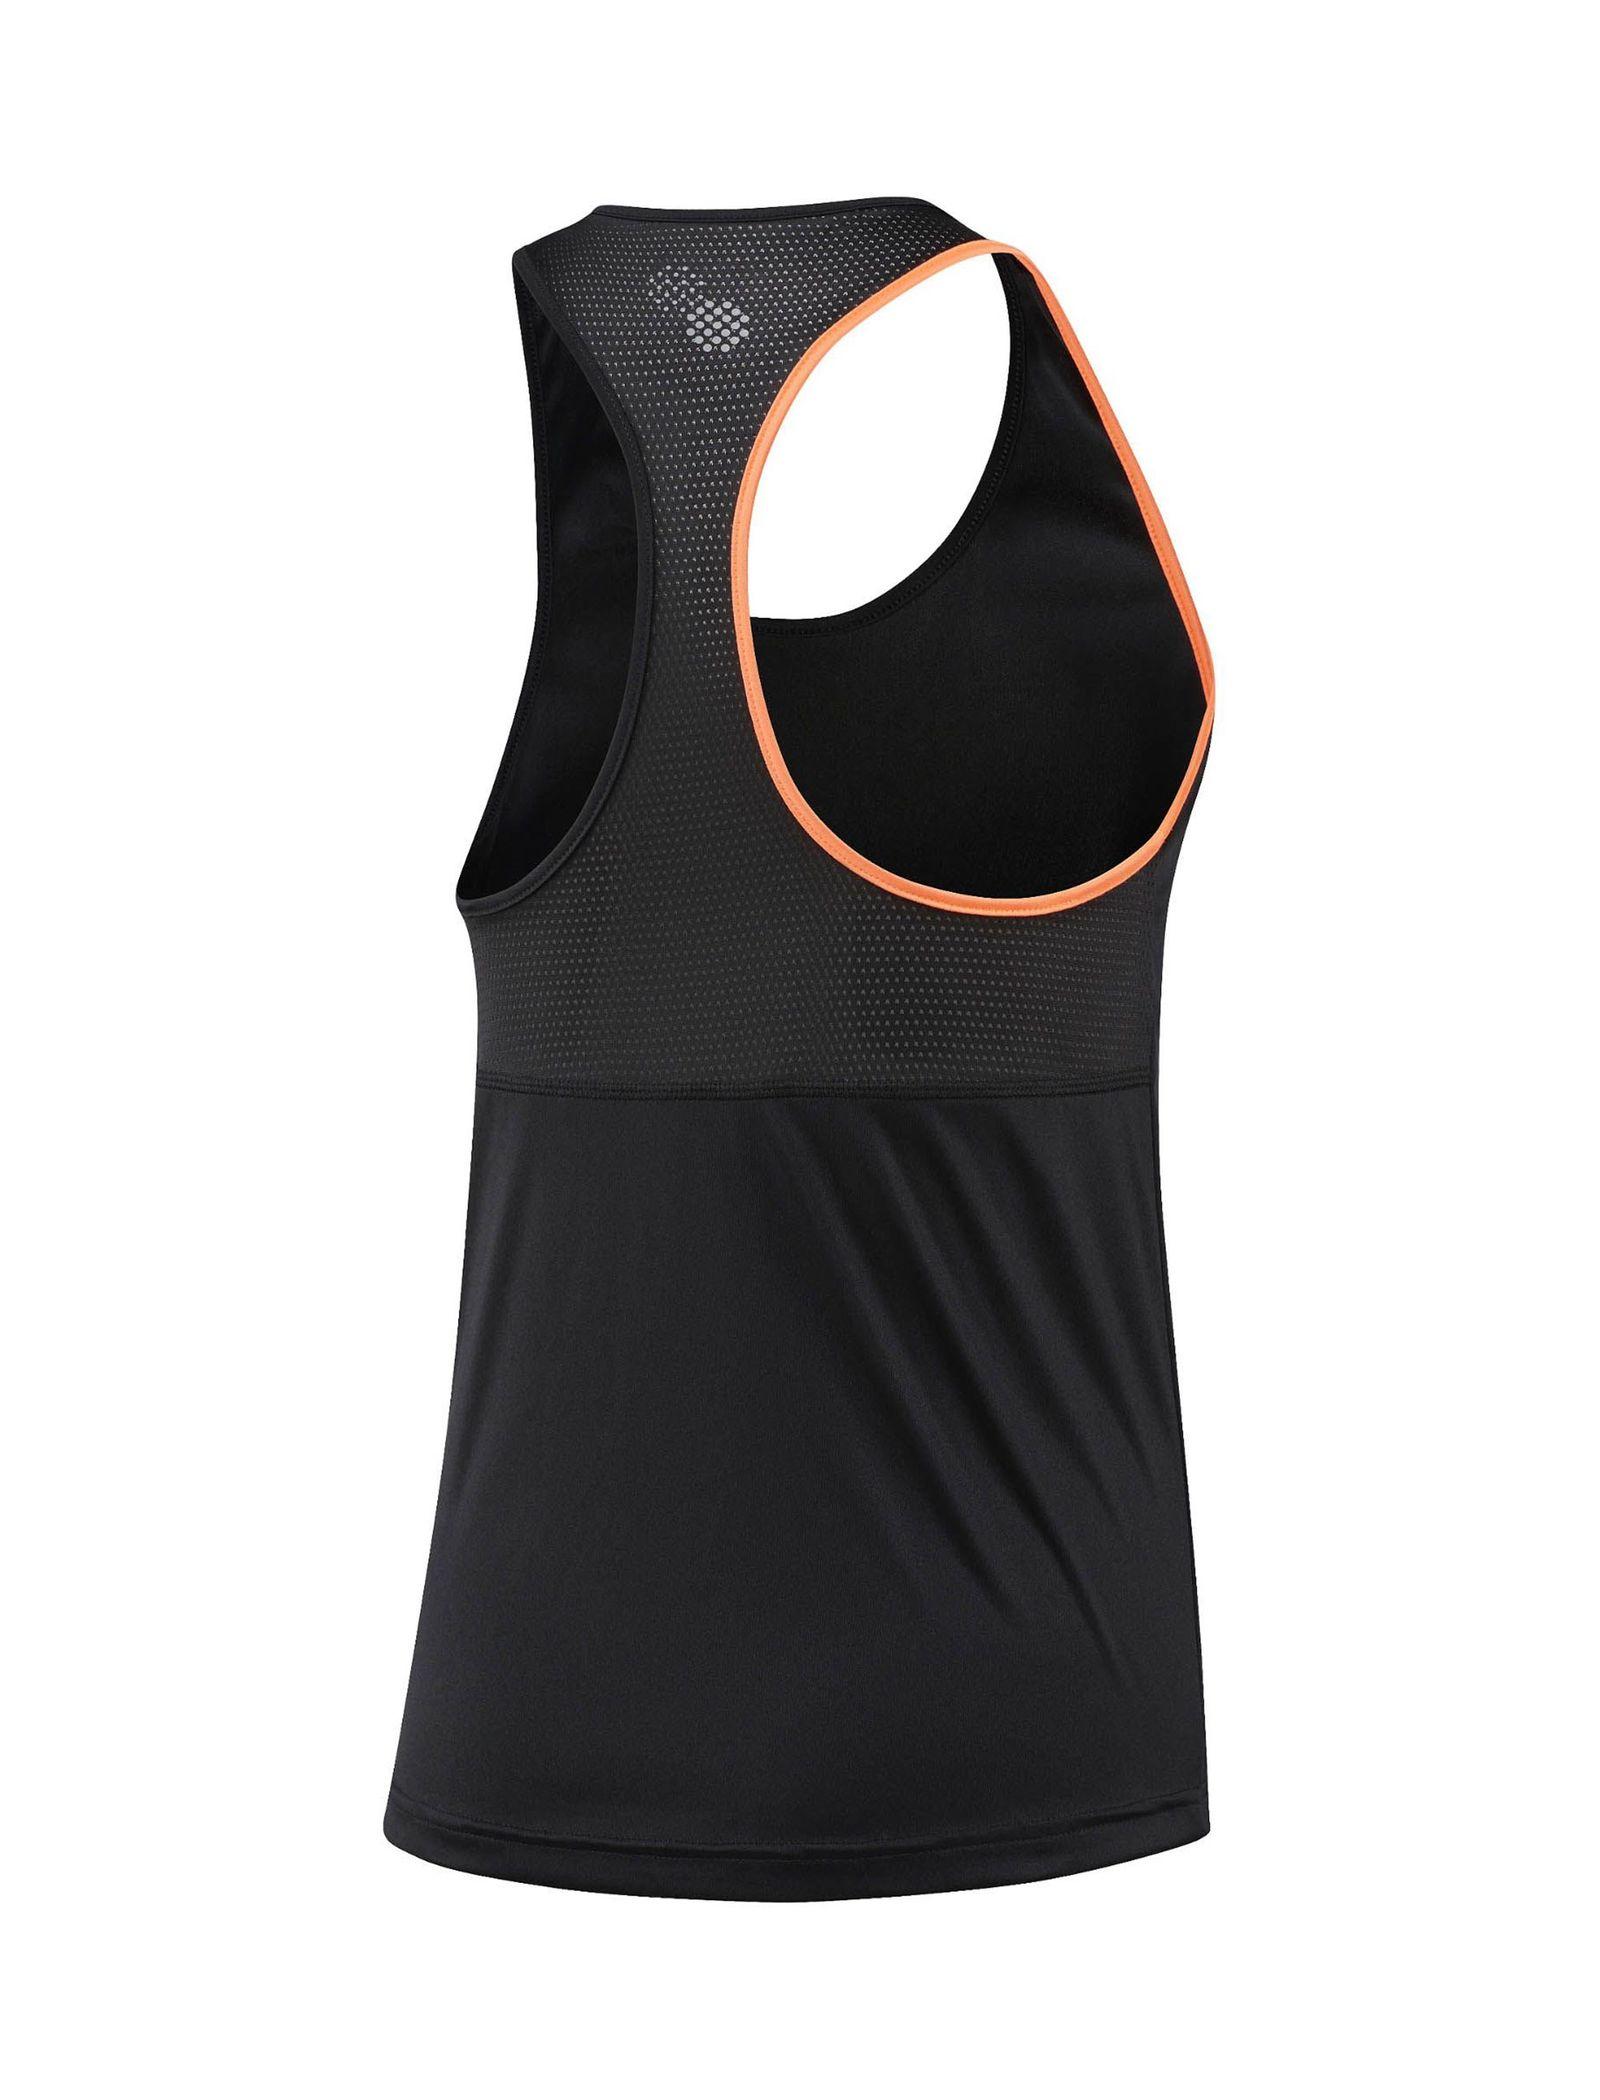 تاپ ورزشی بندی زنانه - ریباک - مشکي - 2